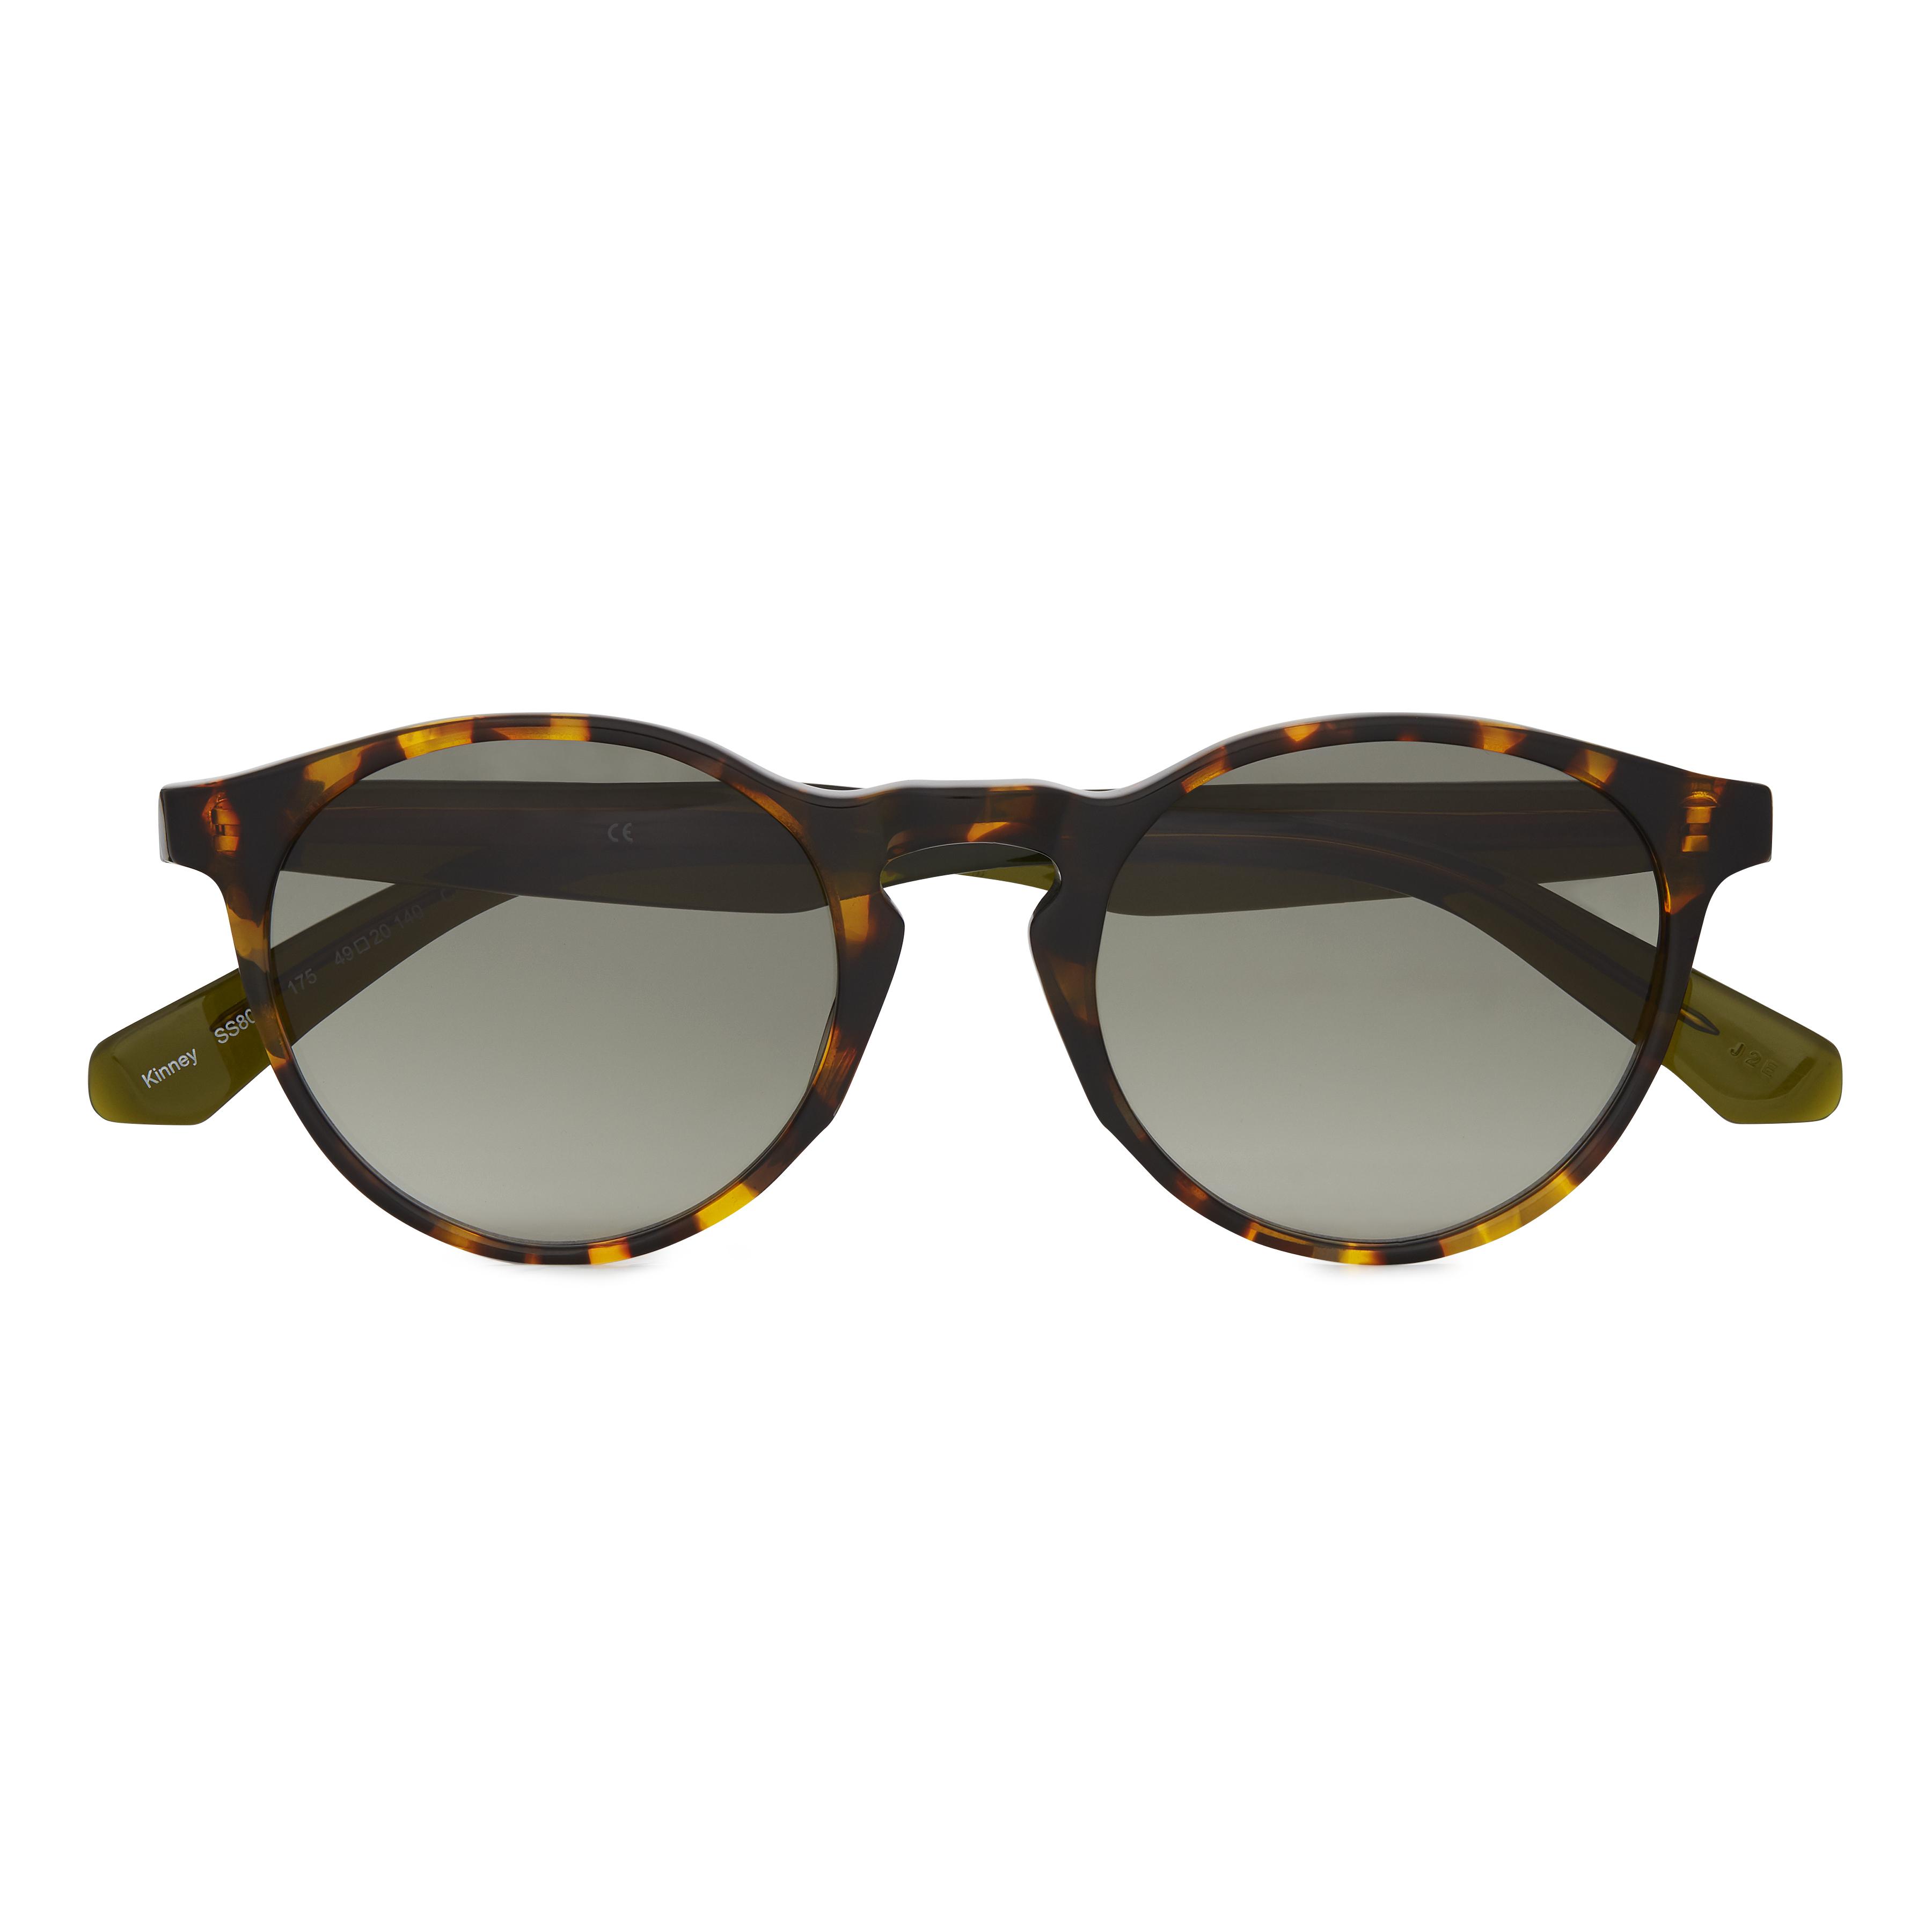 Scotch & Soda, collectie, zonnebrillen